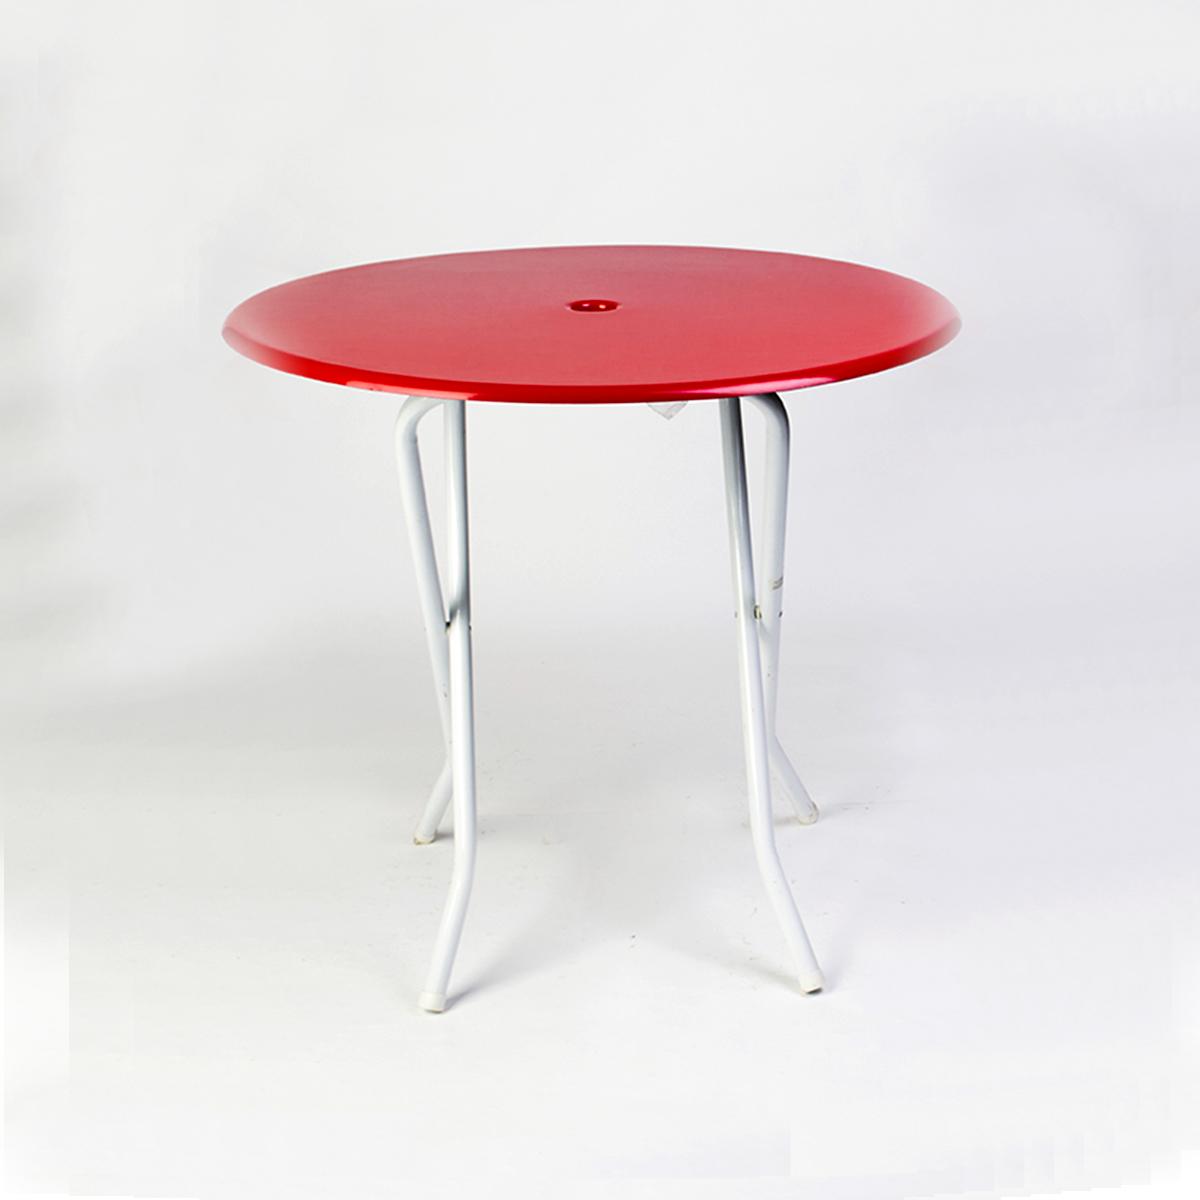 Mesa plegable fibra de vidrio Roja